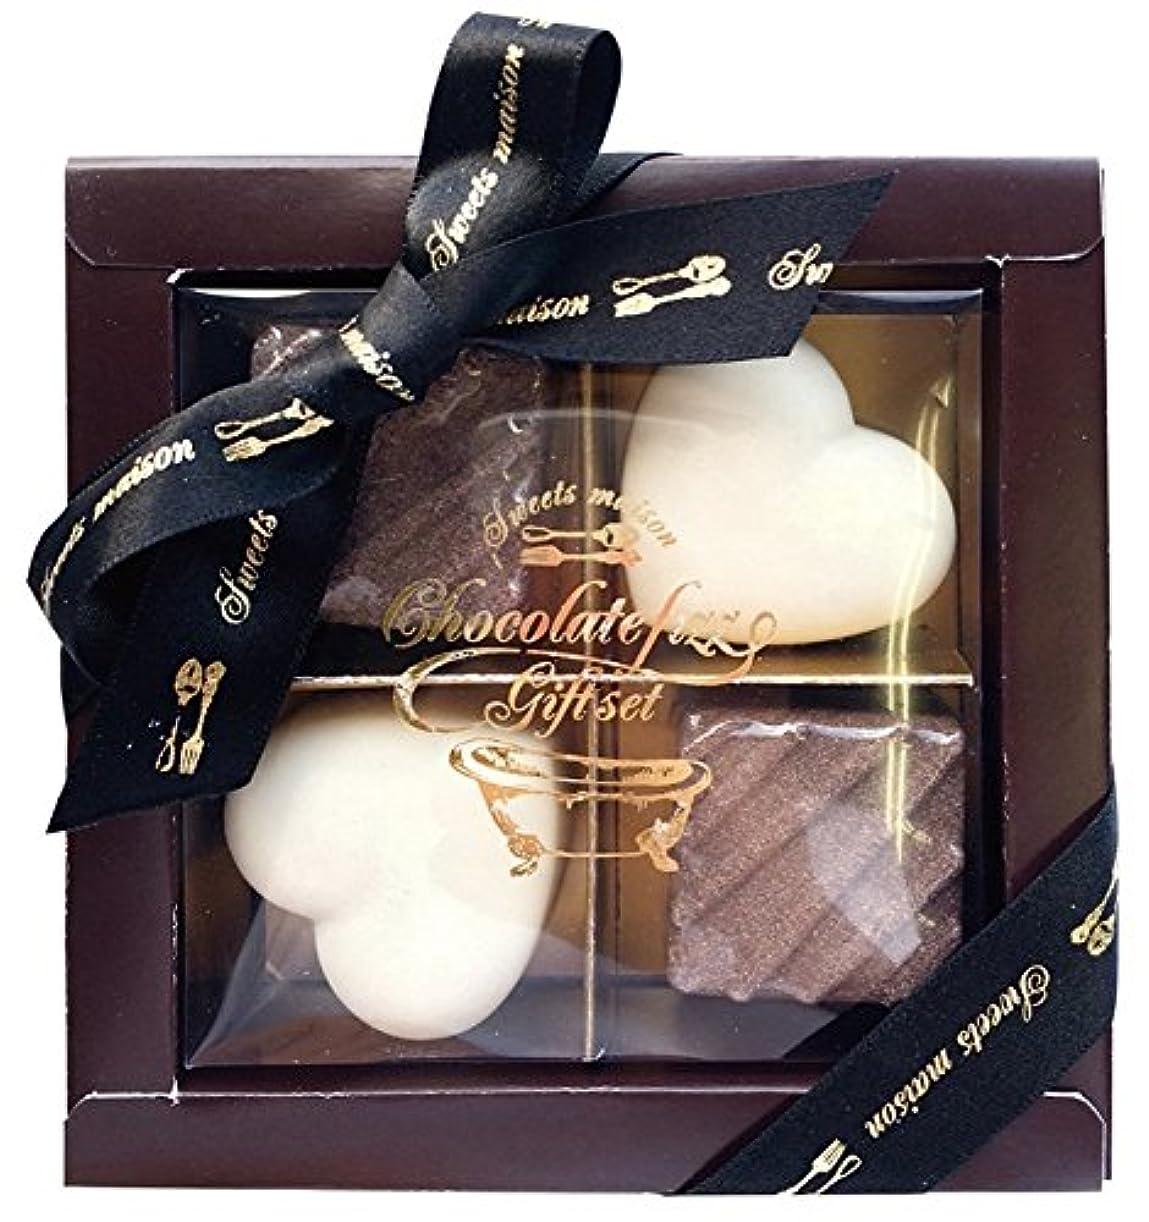 謝罪するリットルガジュマルノルコーポレーション 入浴剤 ギフトセット チョコレートフィズ ブラウンボックス OB-SMG-5-1